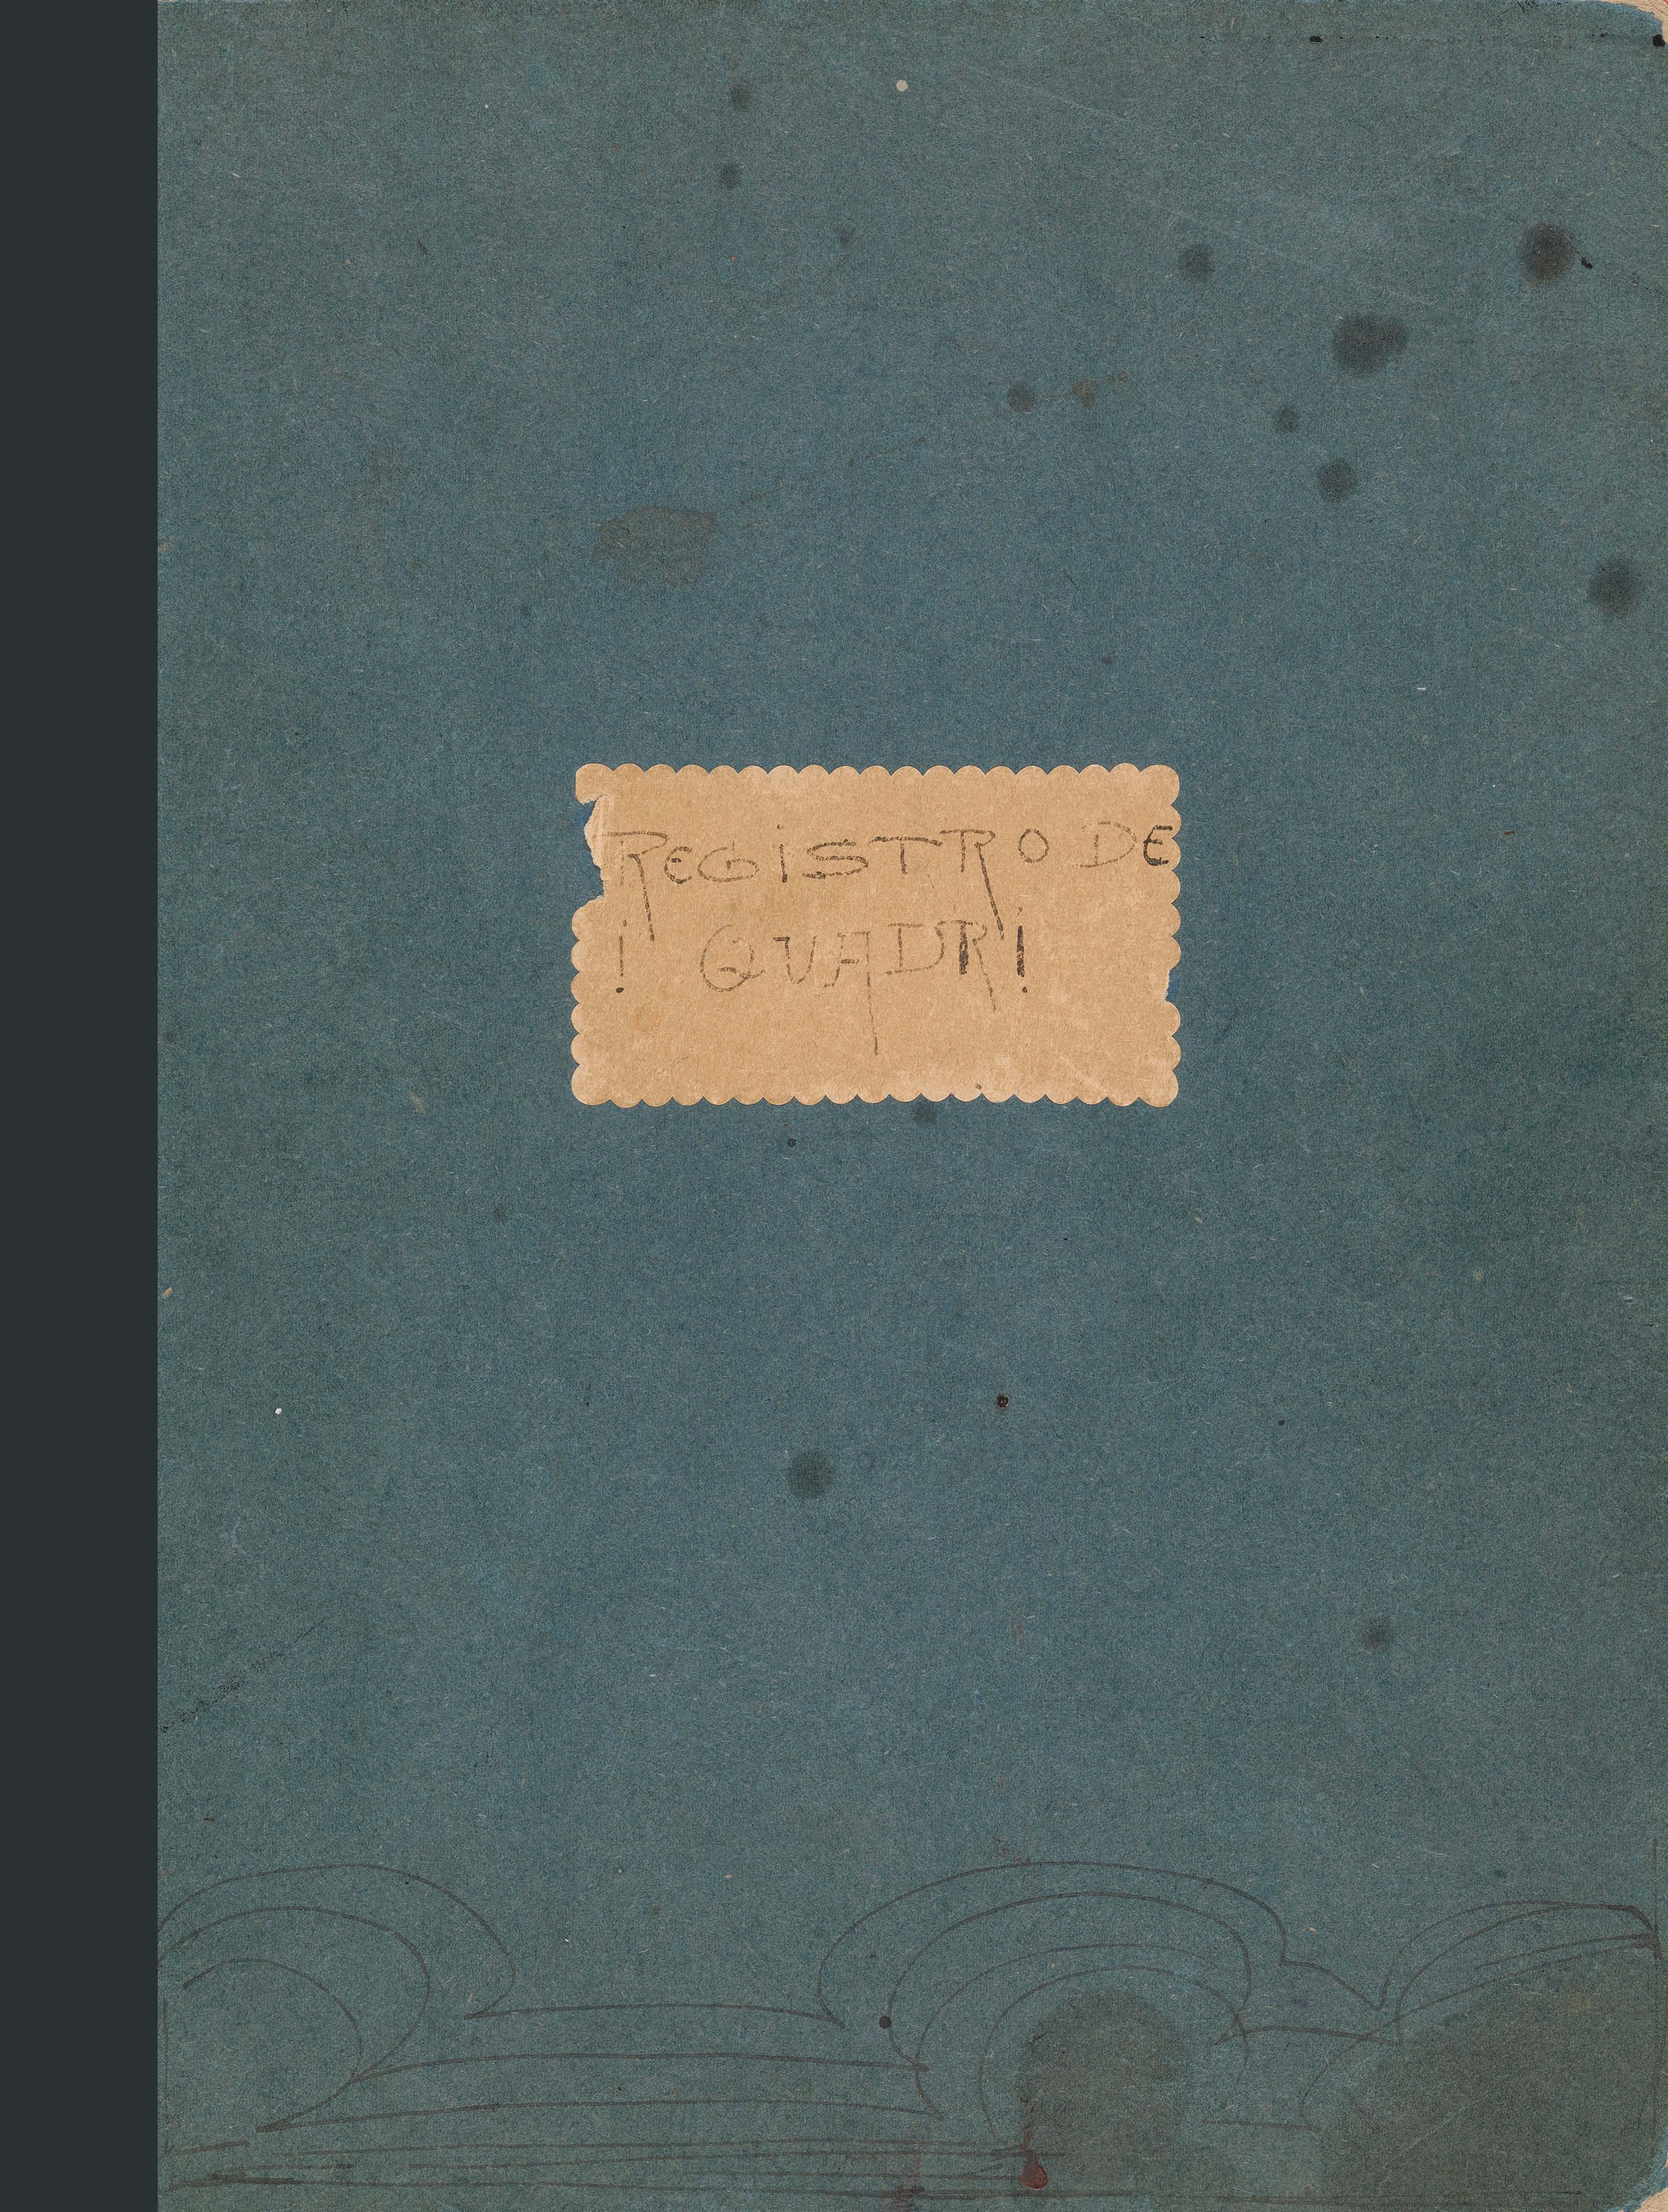 Giovanni Giacometti, Registro dei quadri, quaderno 1 (1894-1909) Faksimile 20150550